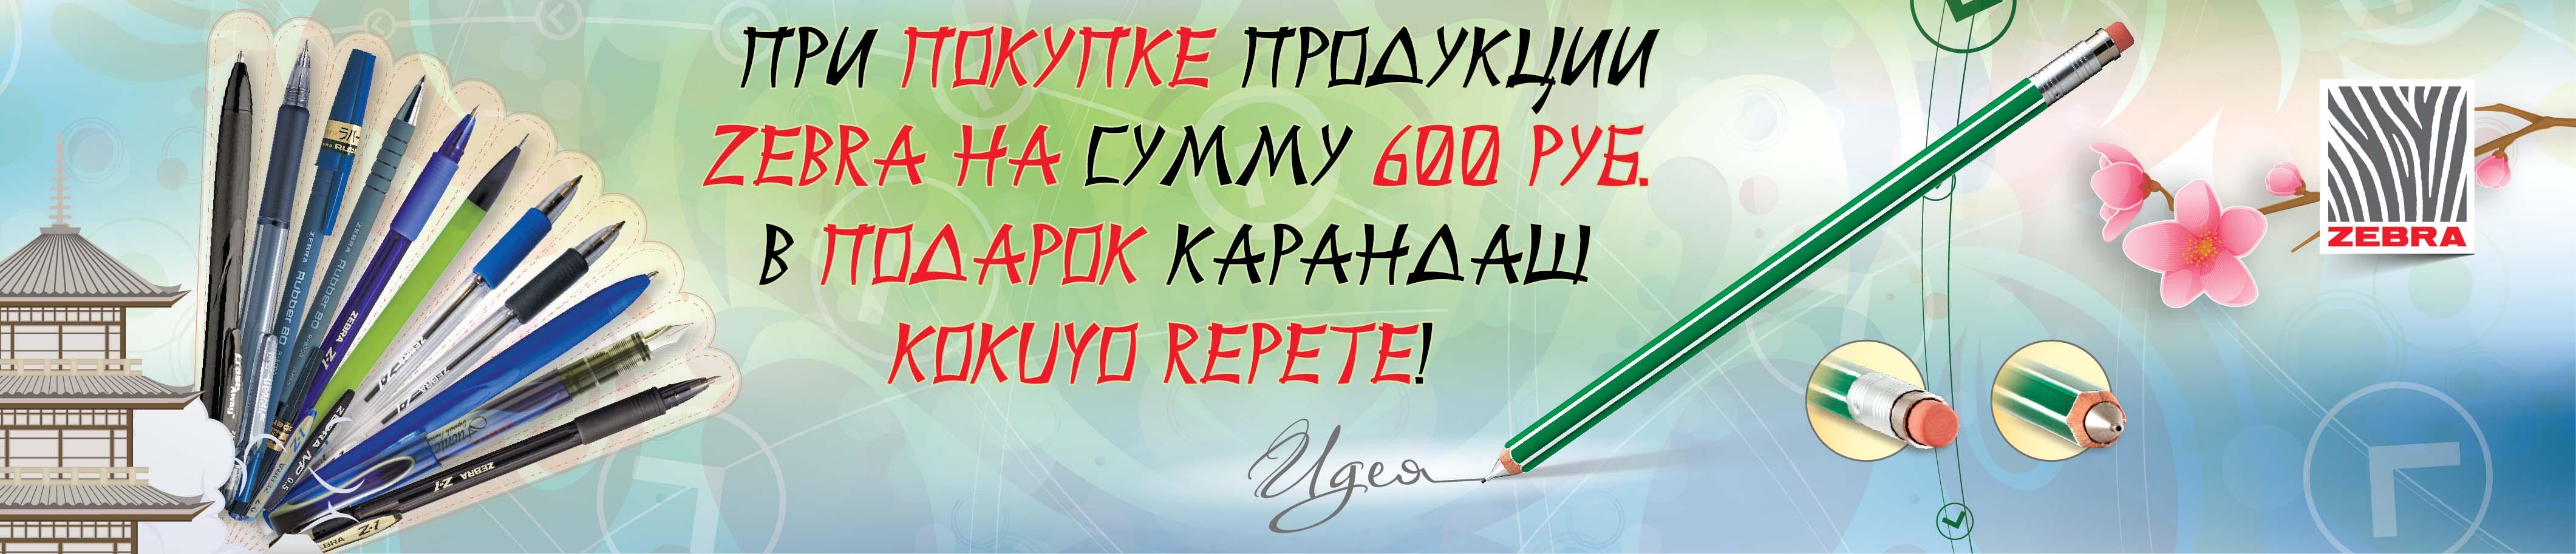 При покупке любой продукции Zebra на сумму более 600 руб. - карандаш Kokuyu Repete в подарок!